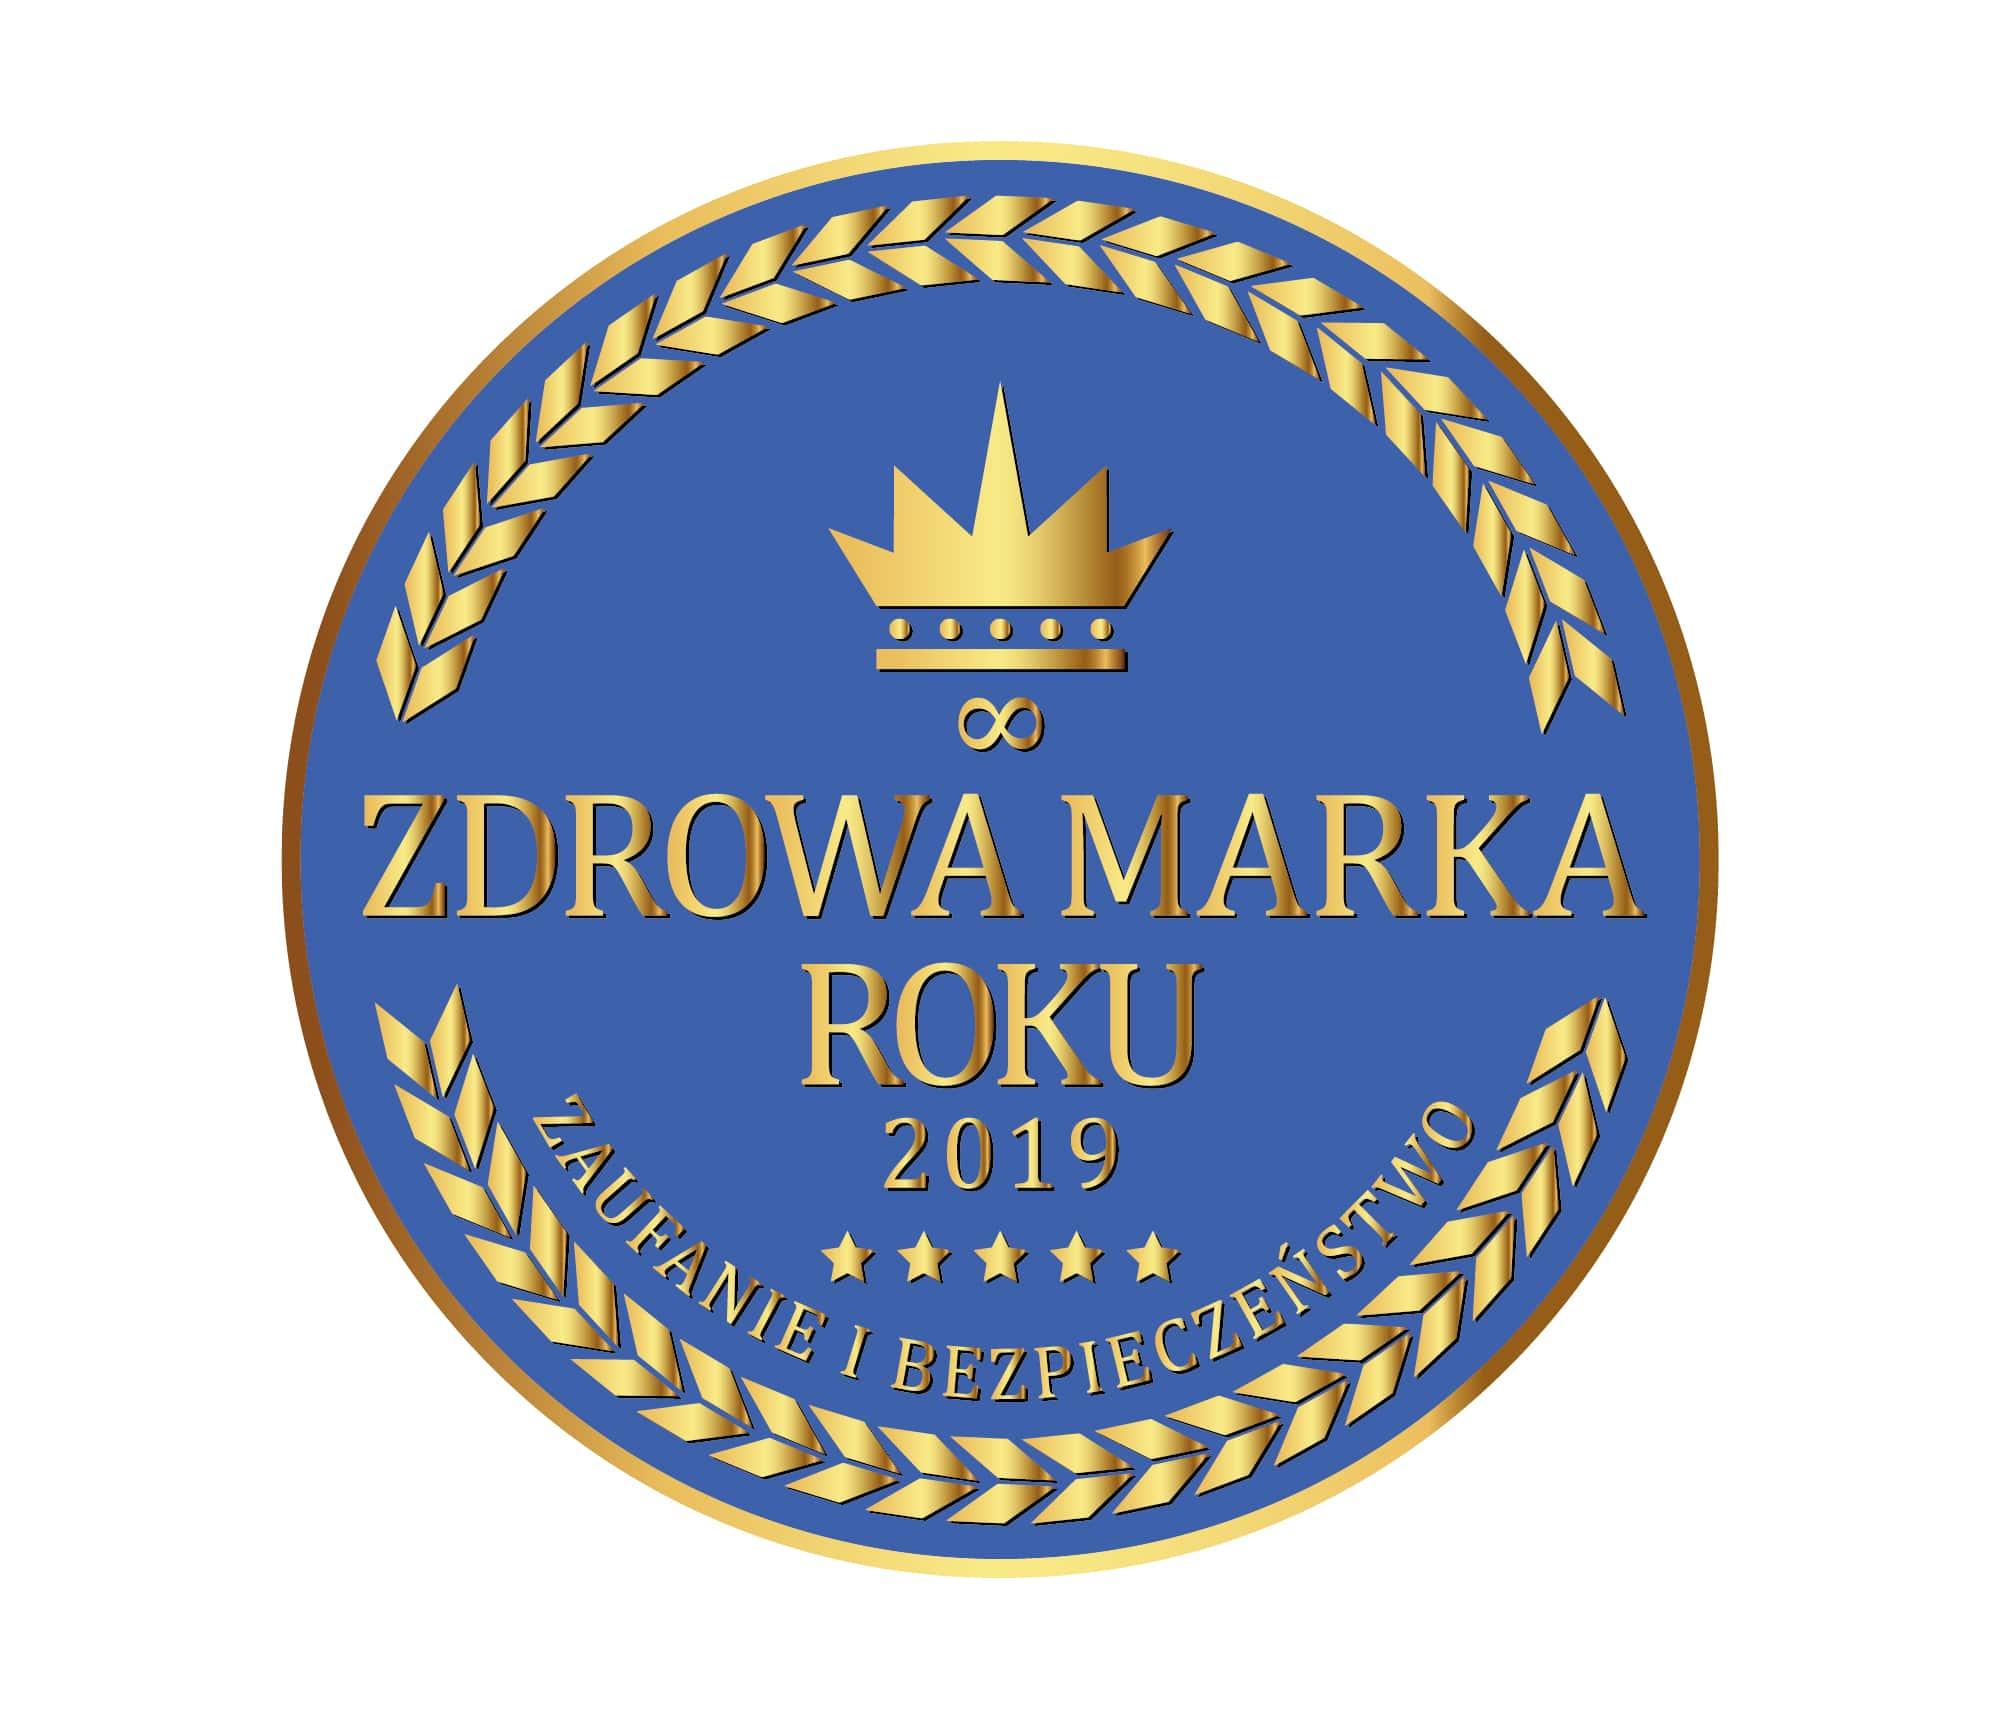 logo_zdrowa_marka